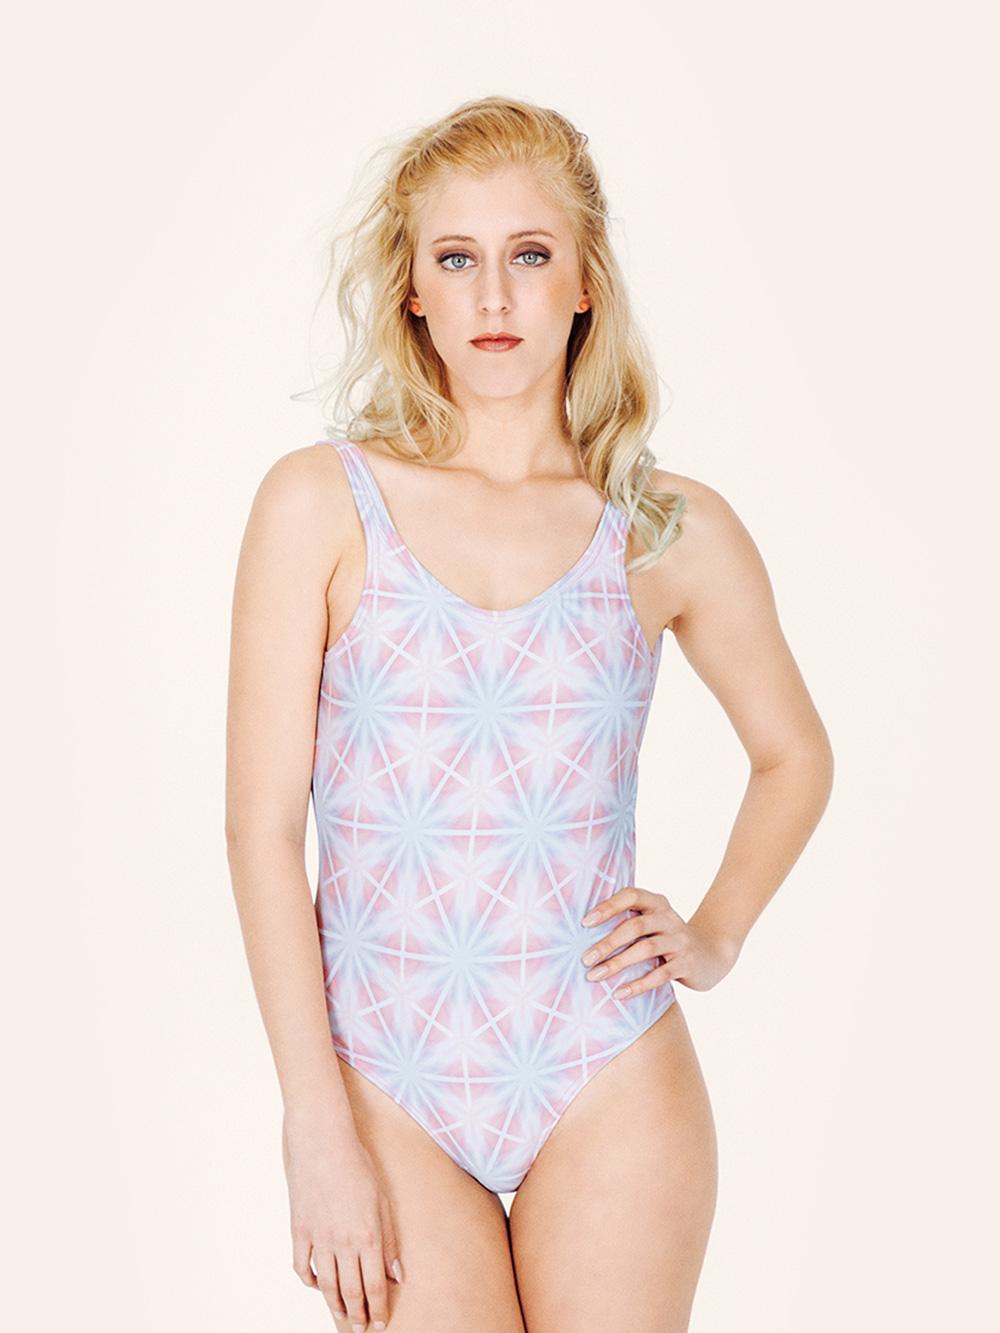 MINERVA Bañador básico – Frontal – Estampado AZUL/ROSA – nadadora.com.es – swimwear